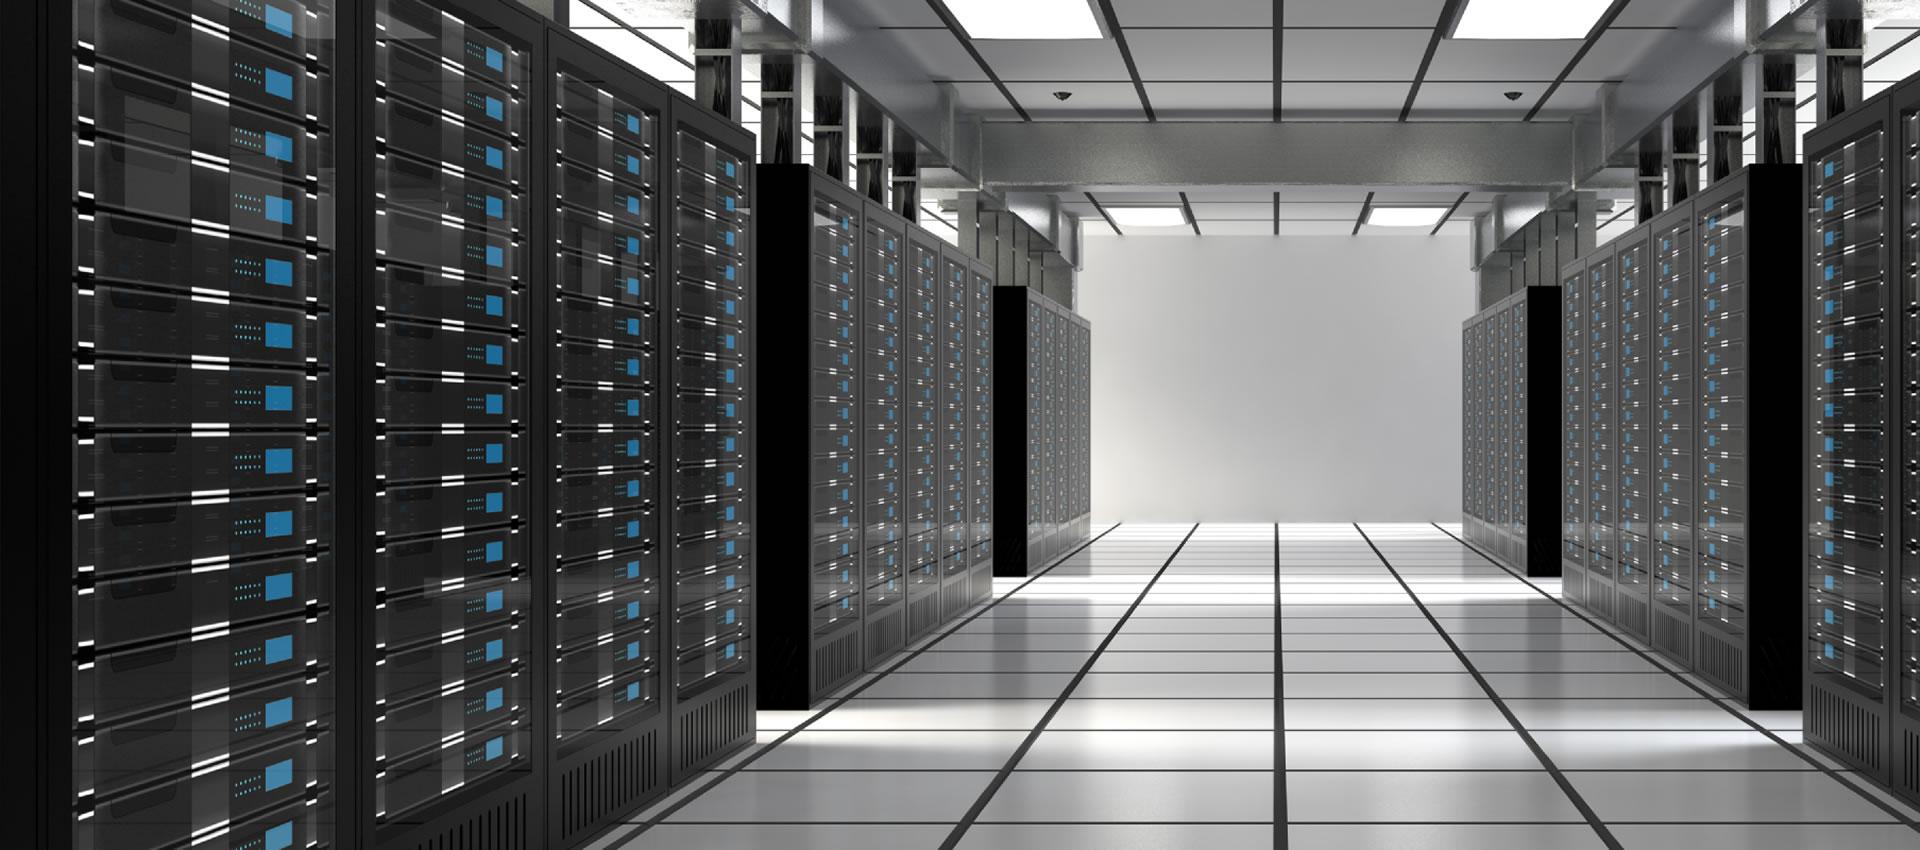 administracja serwerami kraków